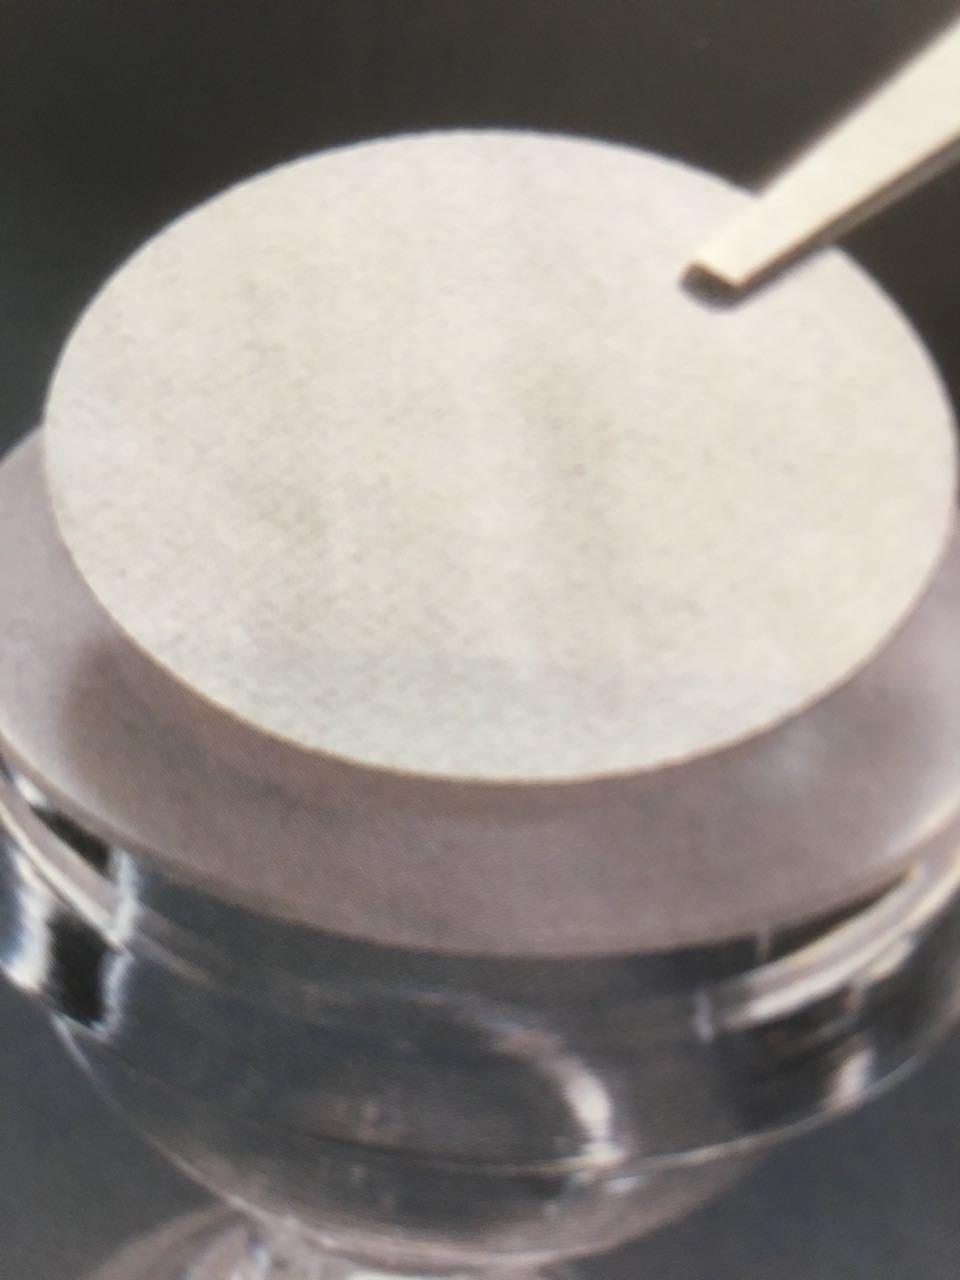 盐酸甲基苯并噻唑酮腙溶液北京华科盛精细化工产品贸易有限公司